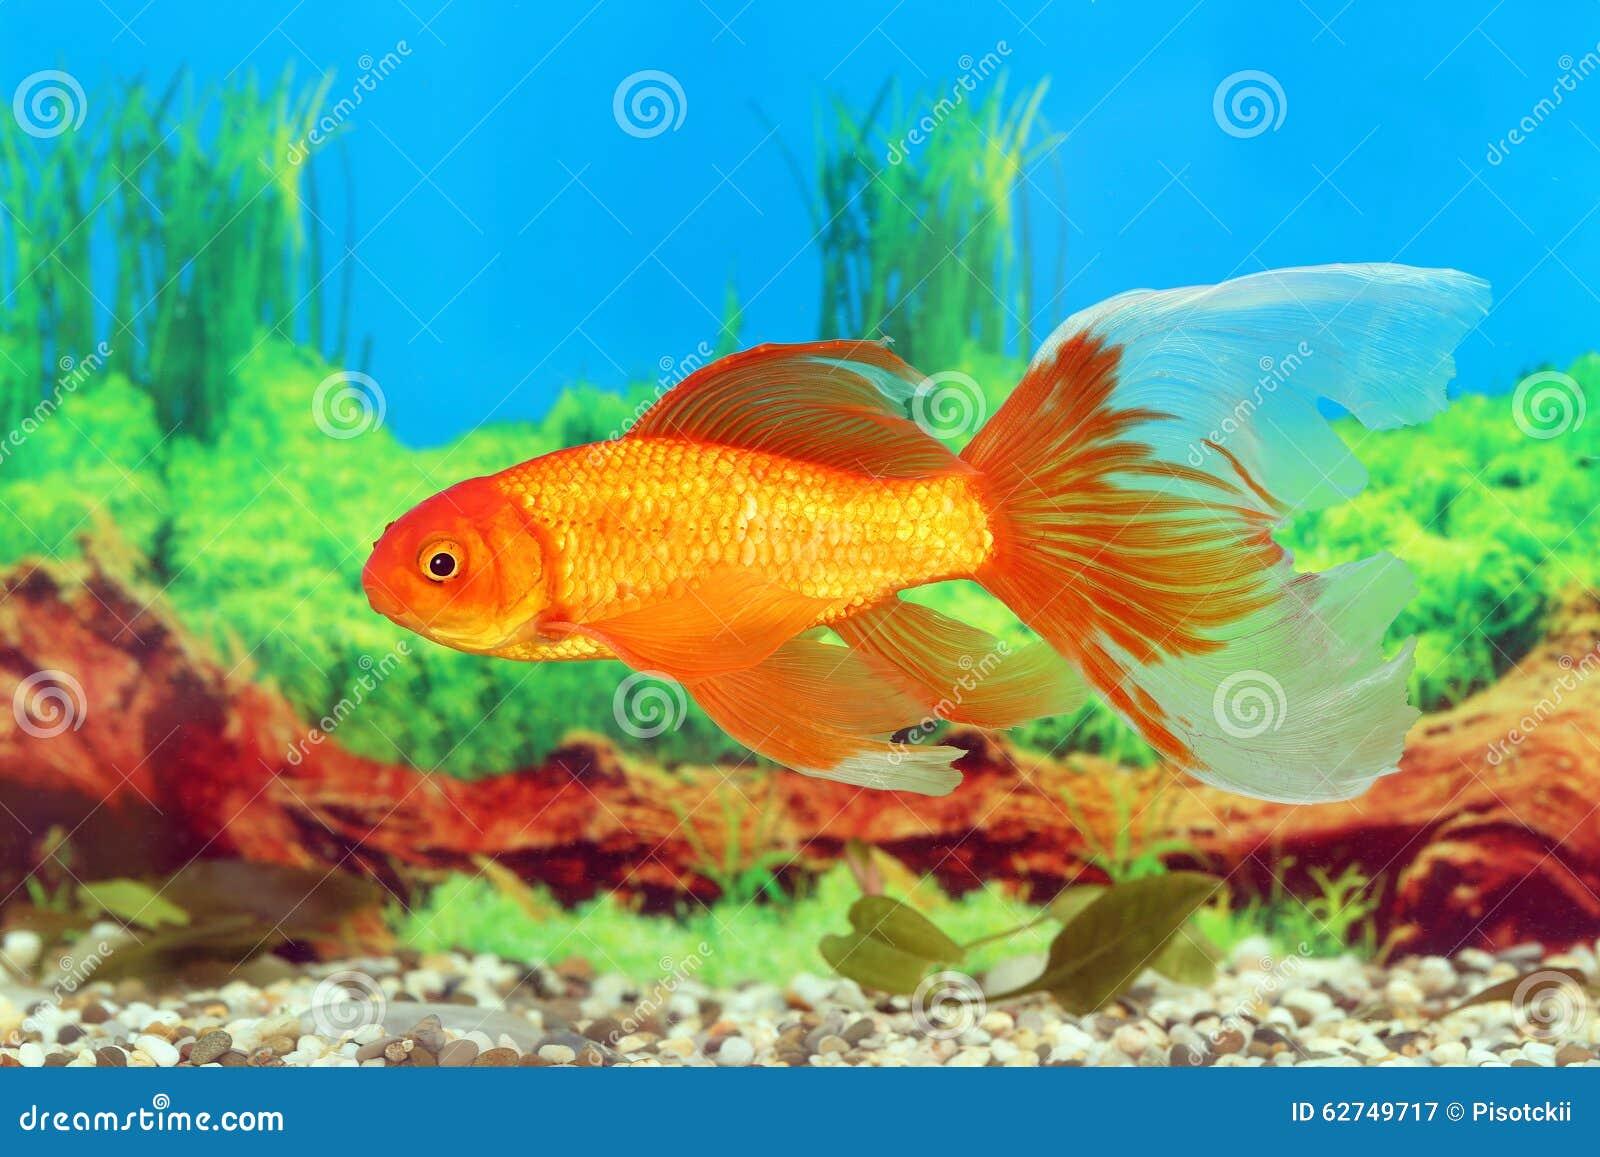 Poisson rouge avec une belle queue photo stock image for Achat d un poisson rouge